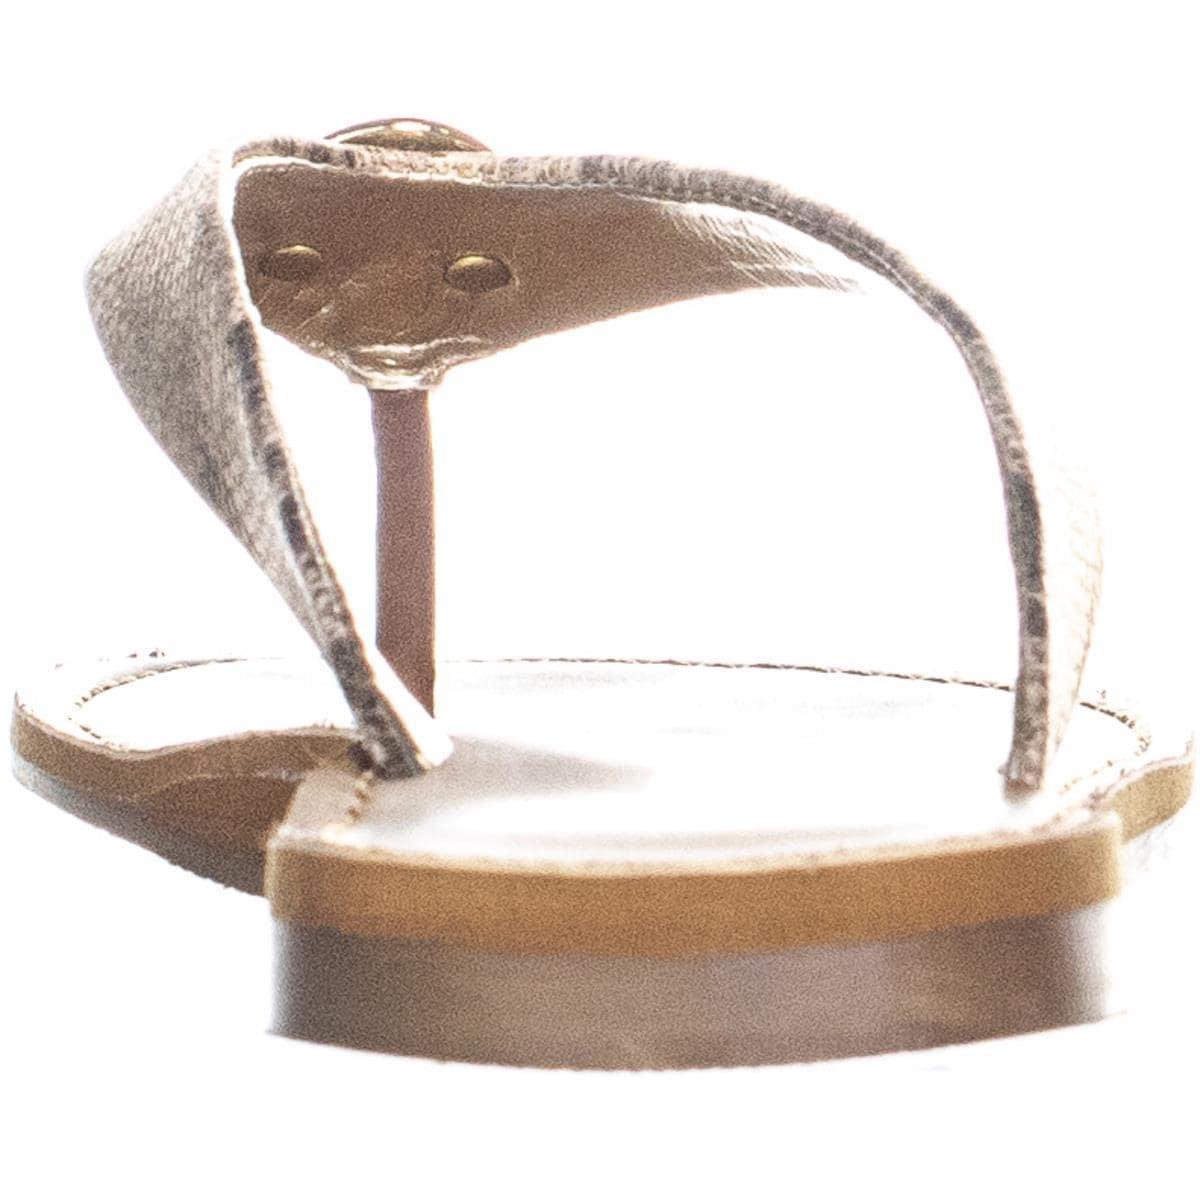 1a26f0e25441 Shop Report Sheilds Flat Thong Flip Flops